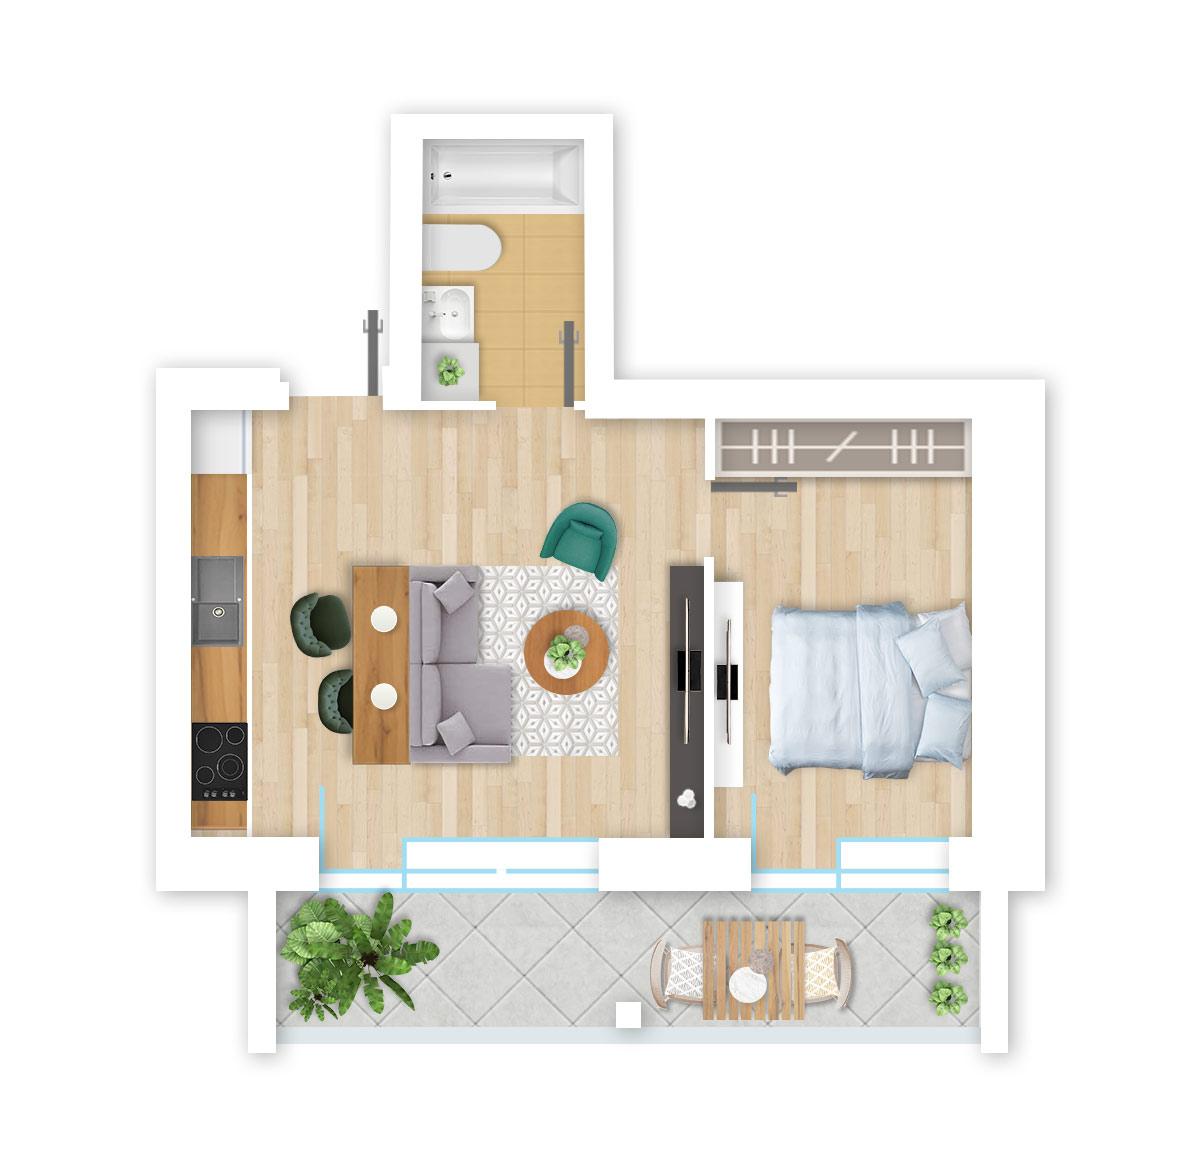 parduodamas butas Lazdynėlių g. 16A - 29 Vilniuje, buto 3D vaizdas